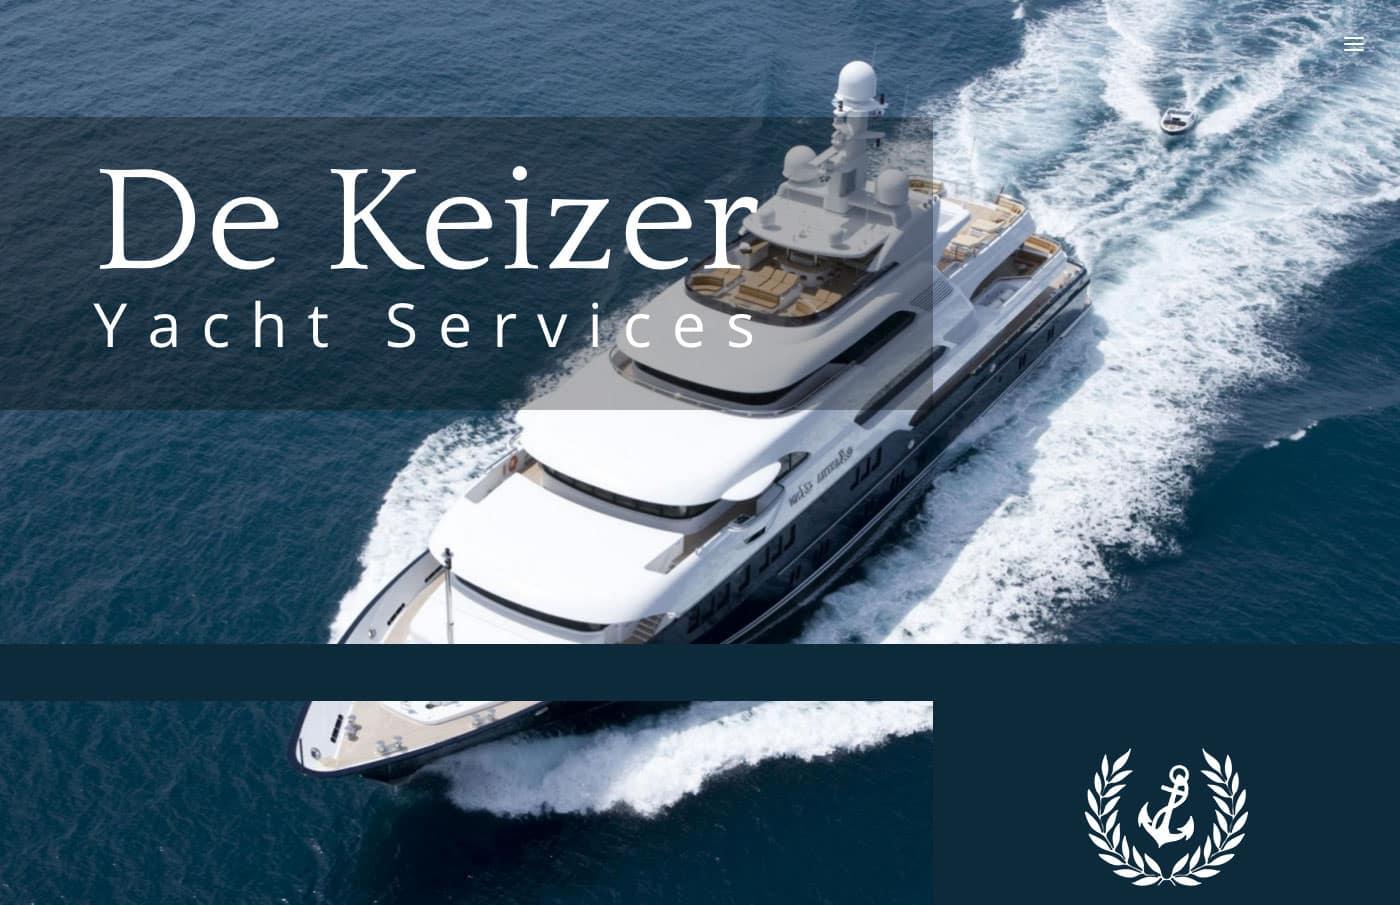 De Keizer Yacht Services